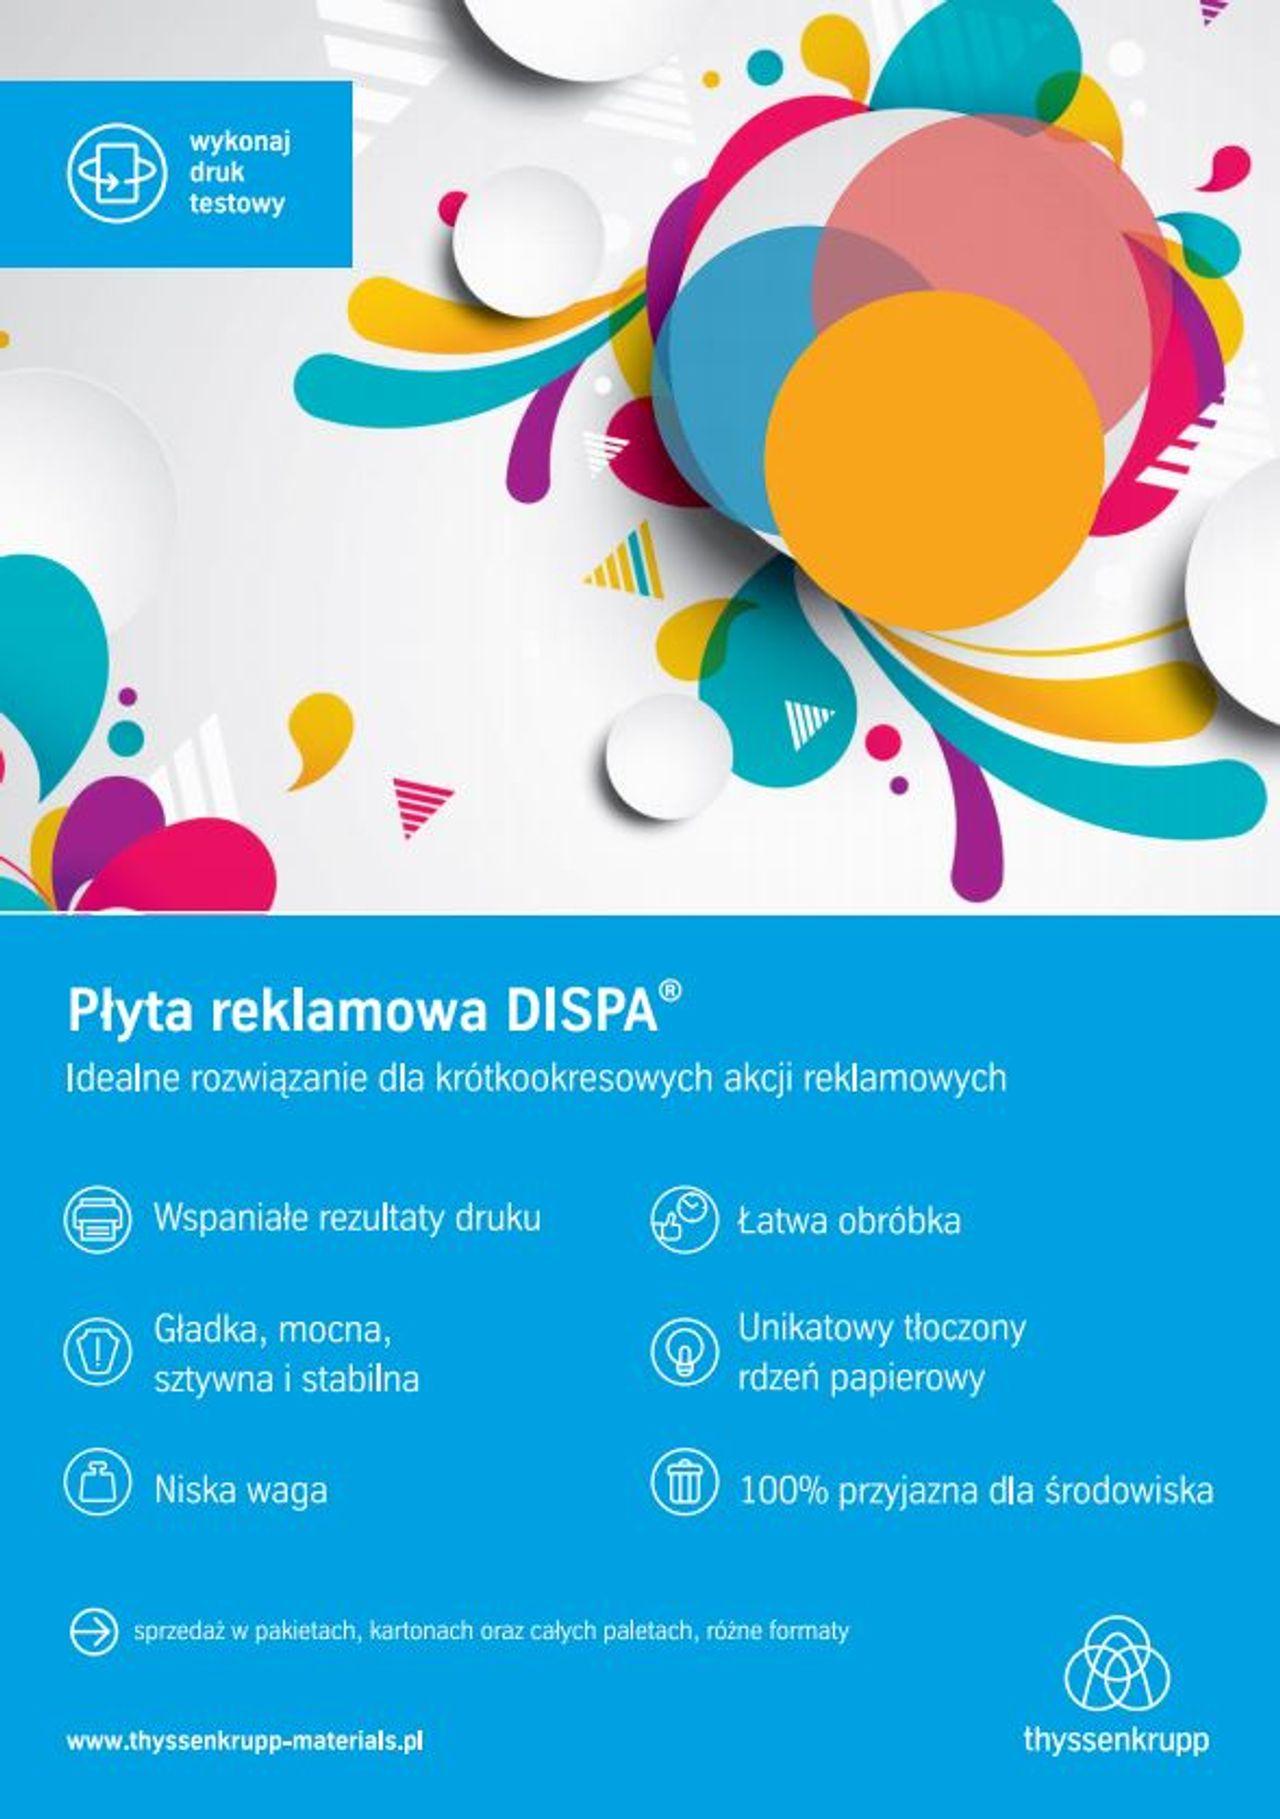 Płyta reklamowa DISPA®